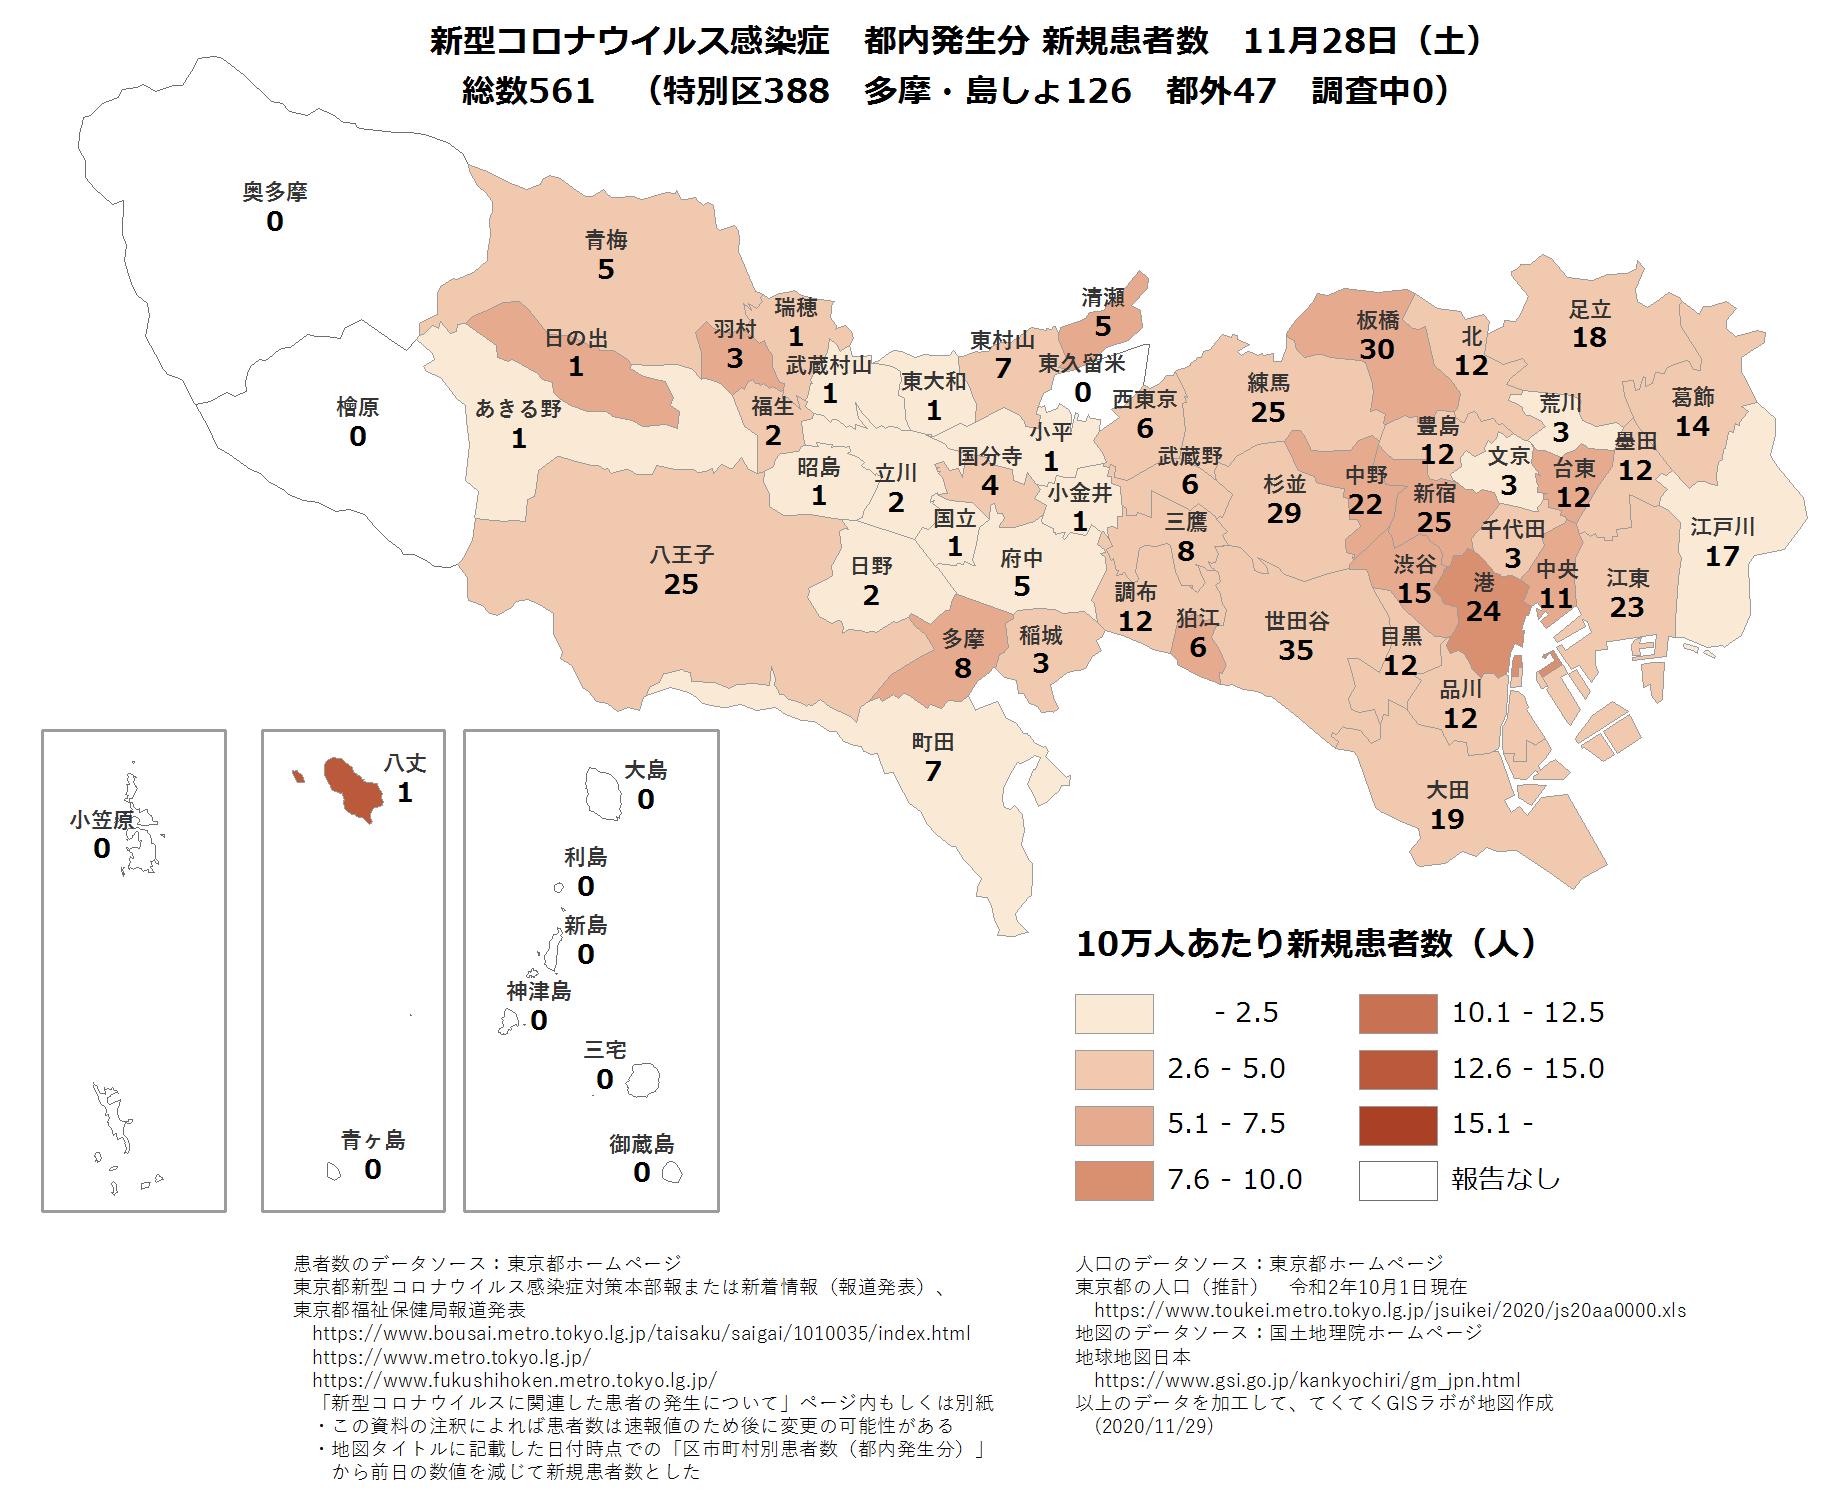 市区町村ごと新規患者数11月28日東京